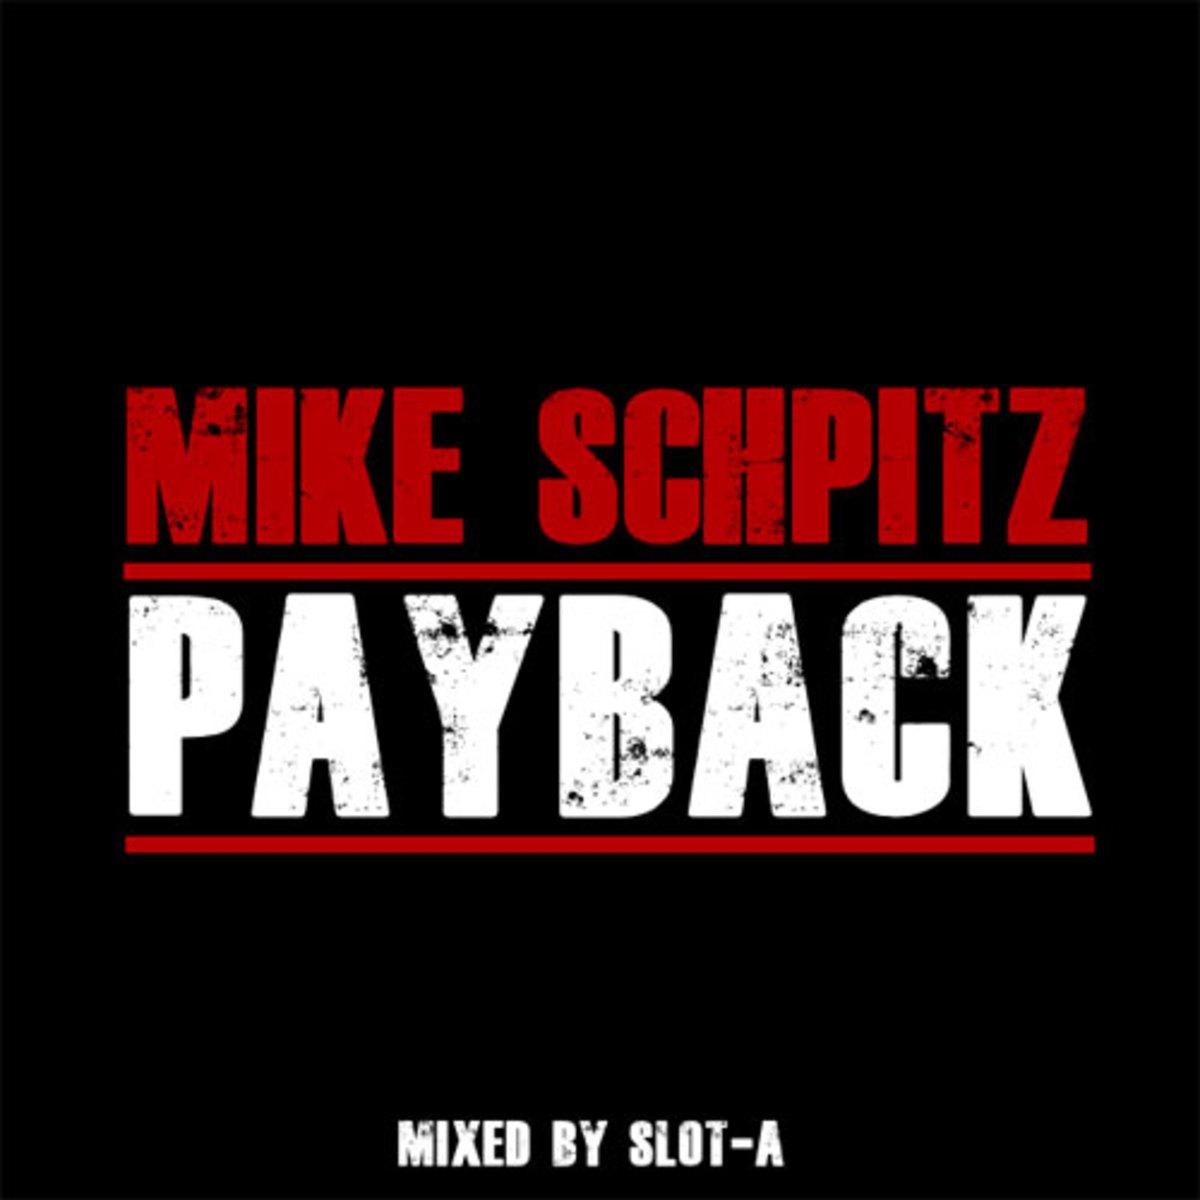 mikeschpitz-payback.jpg